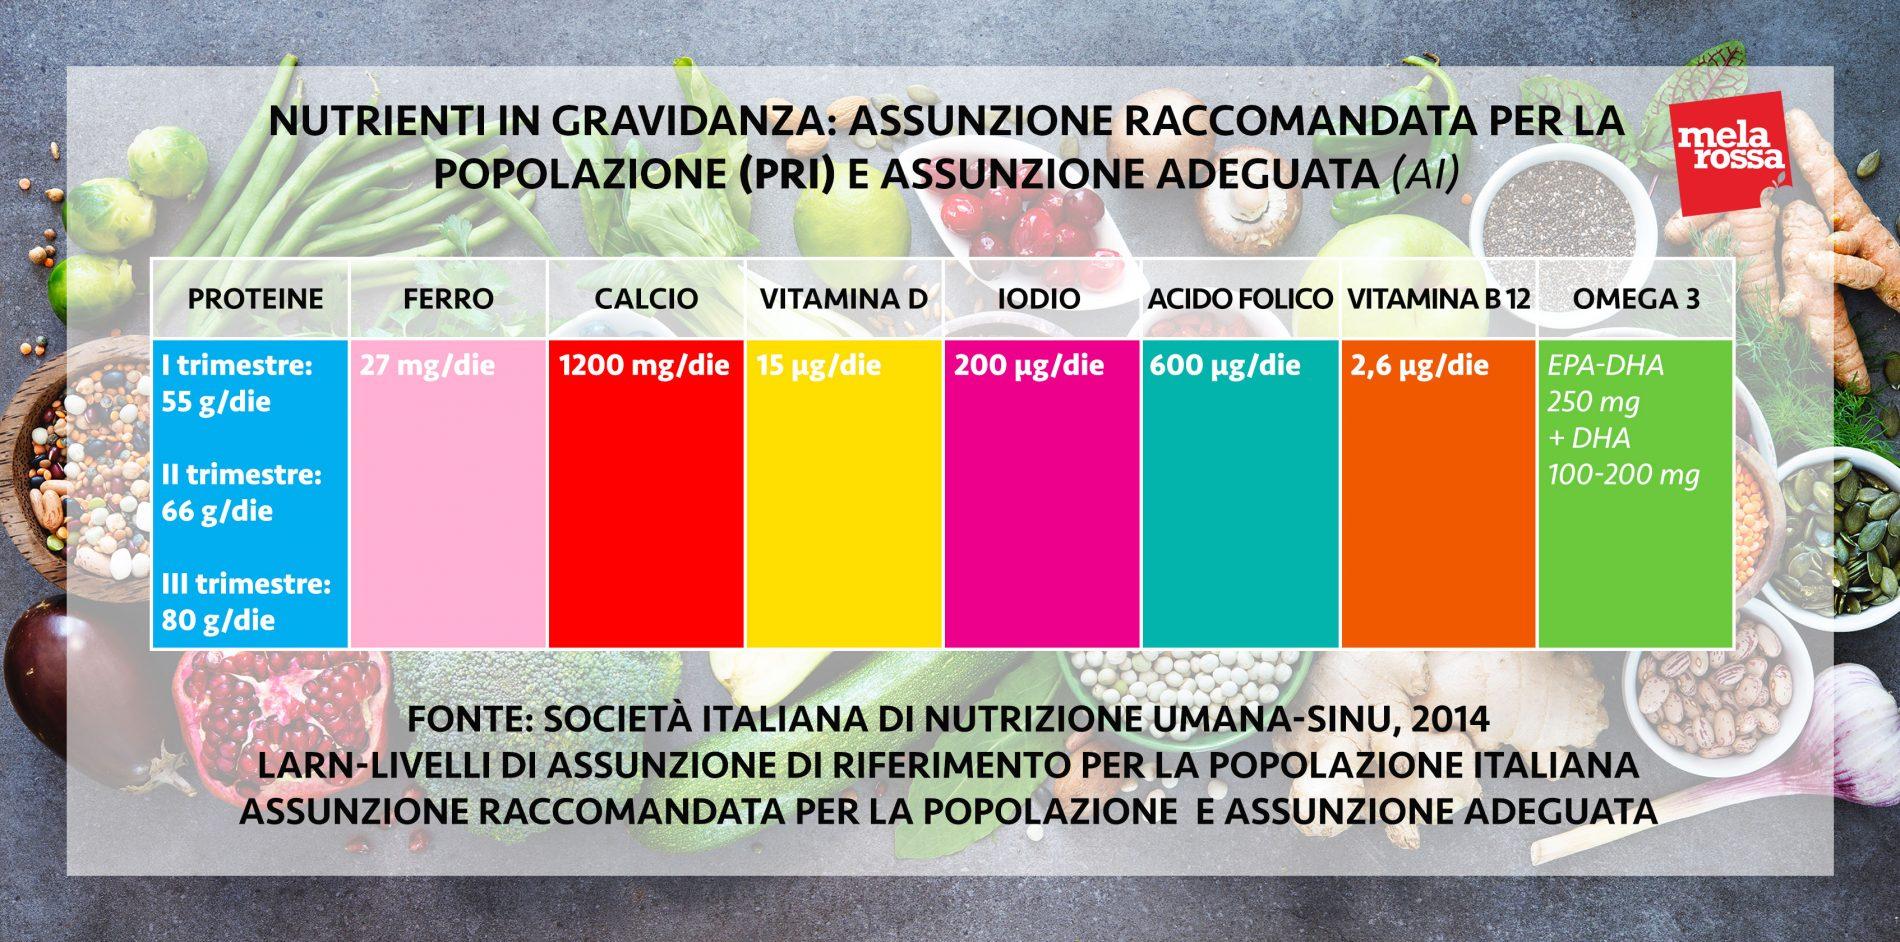 dieta in gravidanza: tabella fabbisogno nutrienti